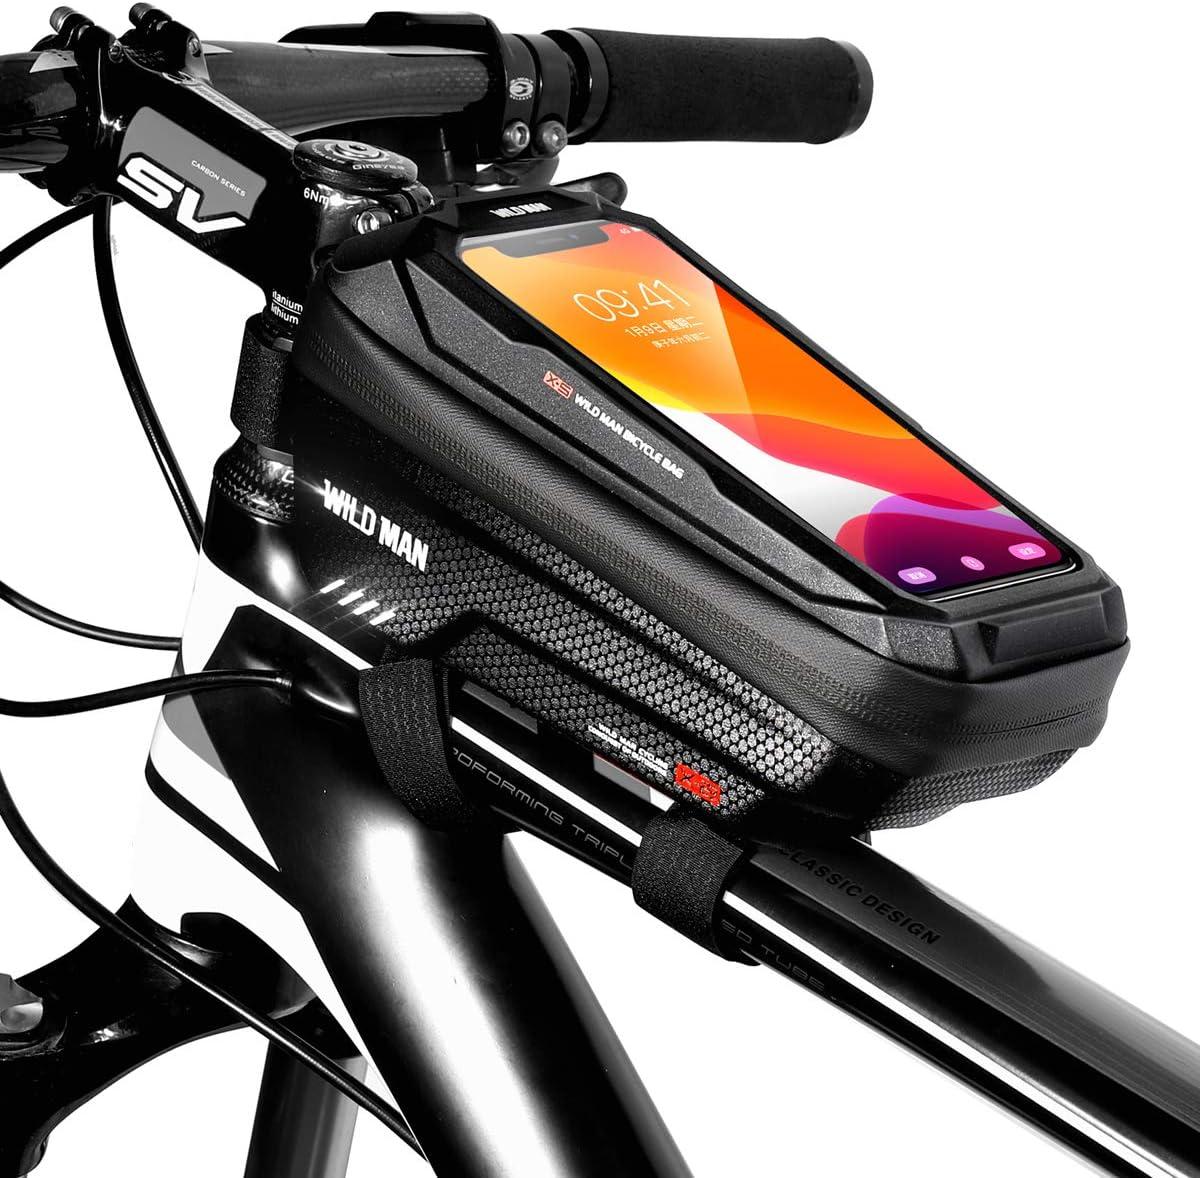 TEUEN Bolsa Bicicleta Impermeable Bolsa Movil Bici con Ventana para Pantalla Táctil, Bolsa para Cuadro Bicicleta Montaña para iPhone,Samsung y Huawei Smartphones de hasta 6,5